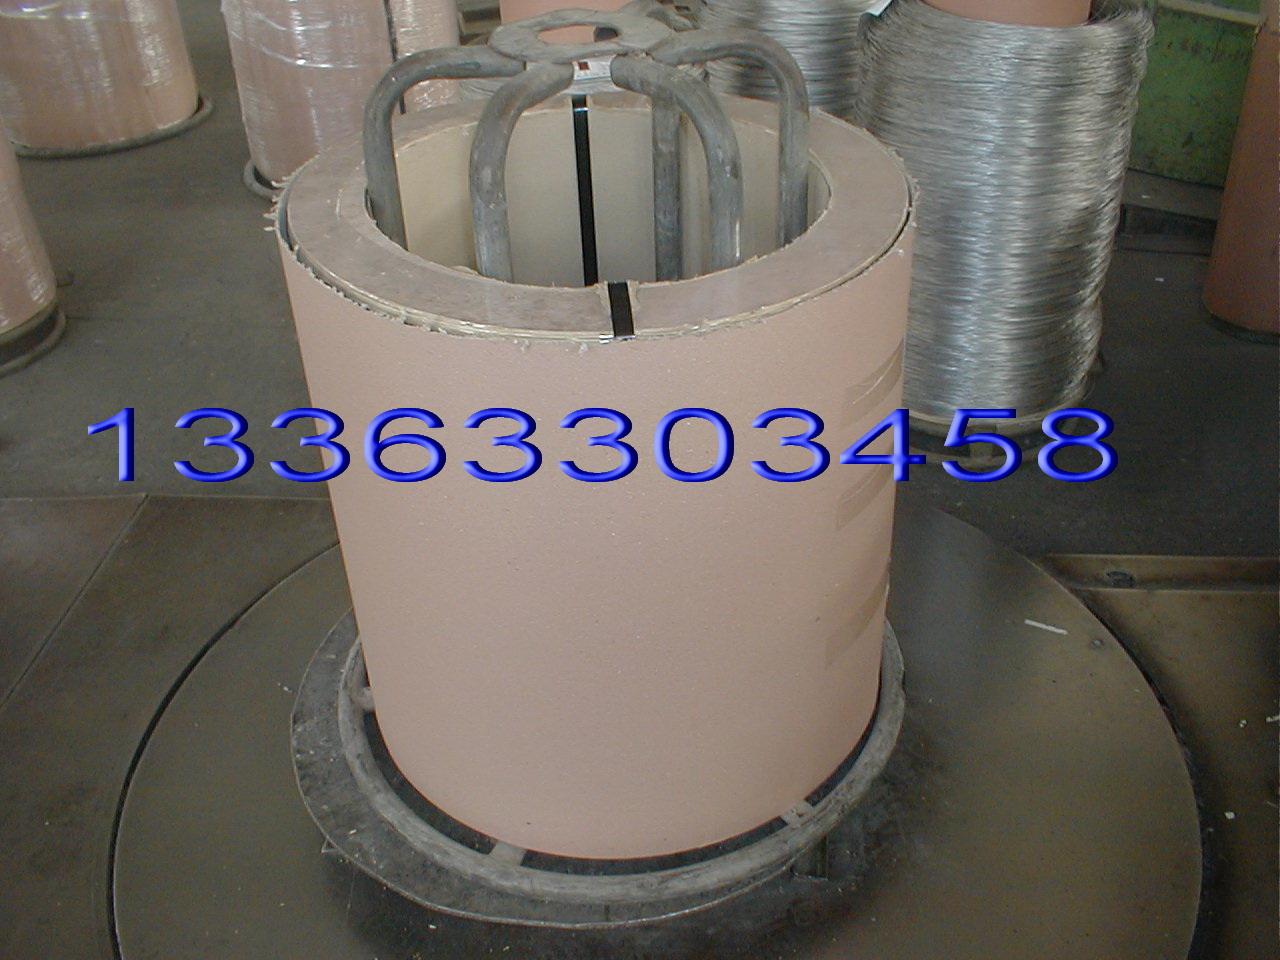 供应1.4301不锈钢丝304不锈钢下拔线网线出售|河北优良不锈钢丝 供货商